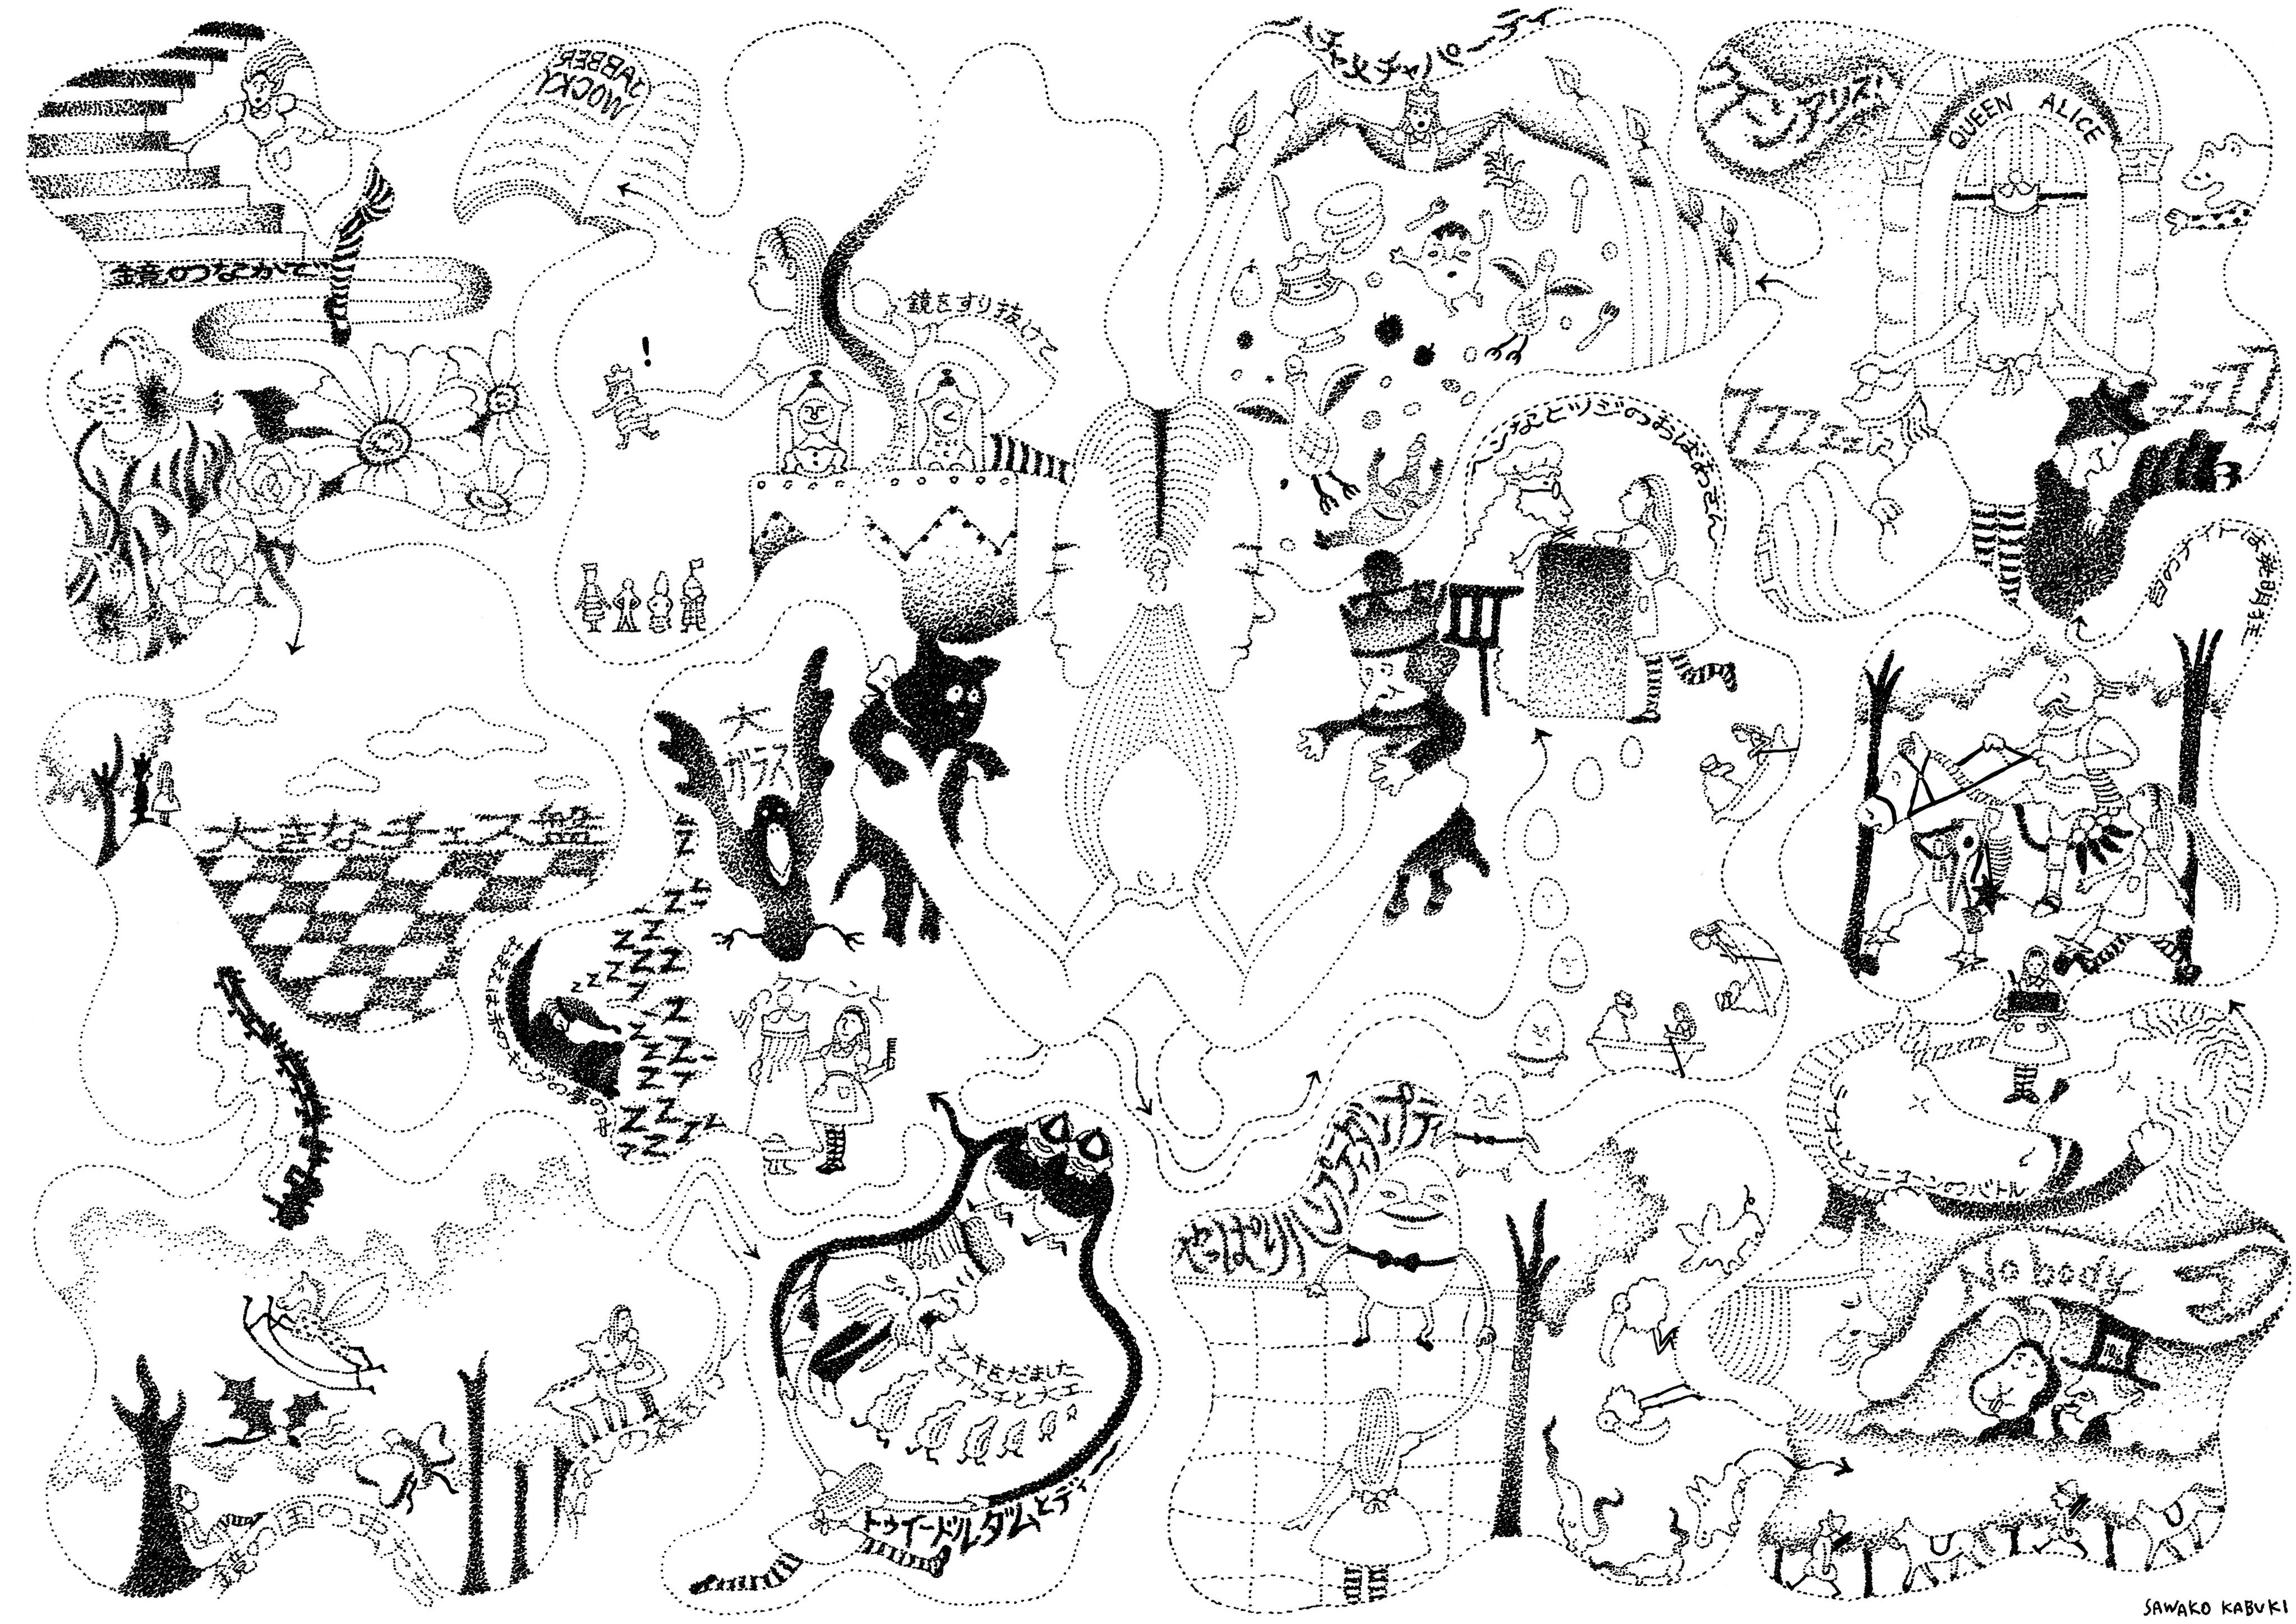 鏡の国のアリスマップ 『不思議の国のアリス 完全読本』挿絵